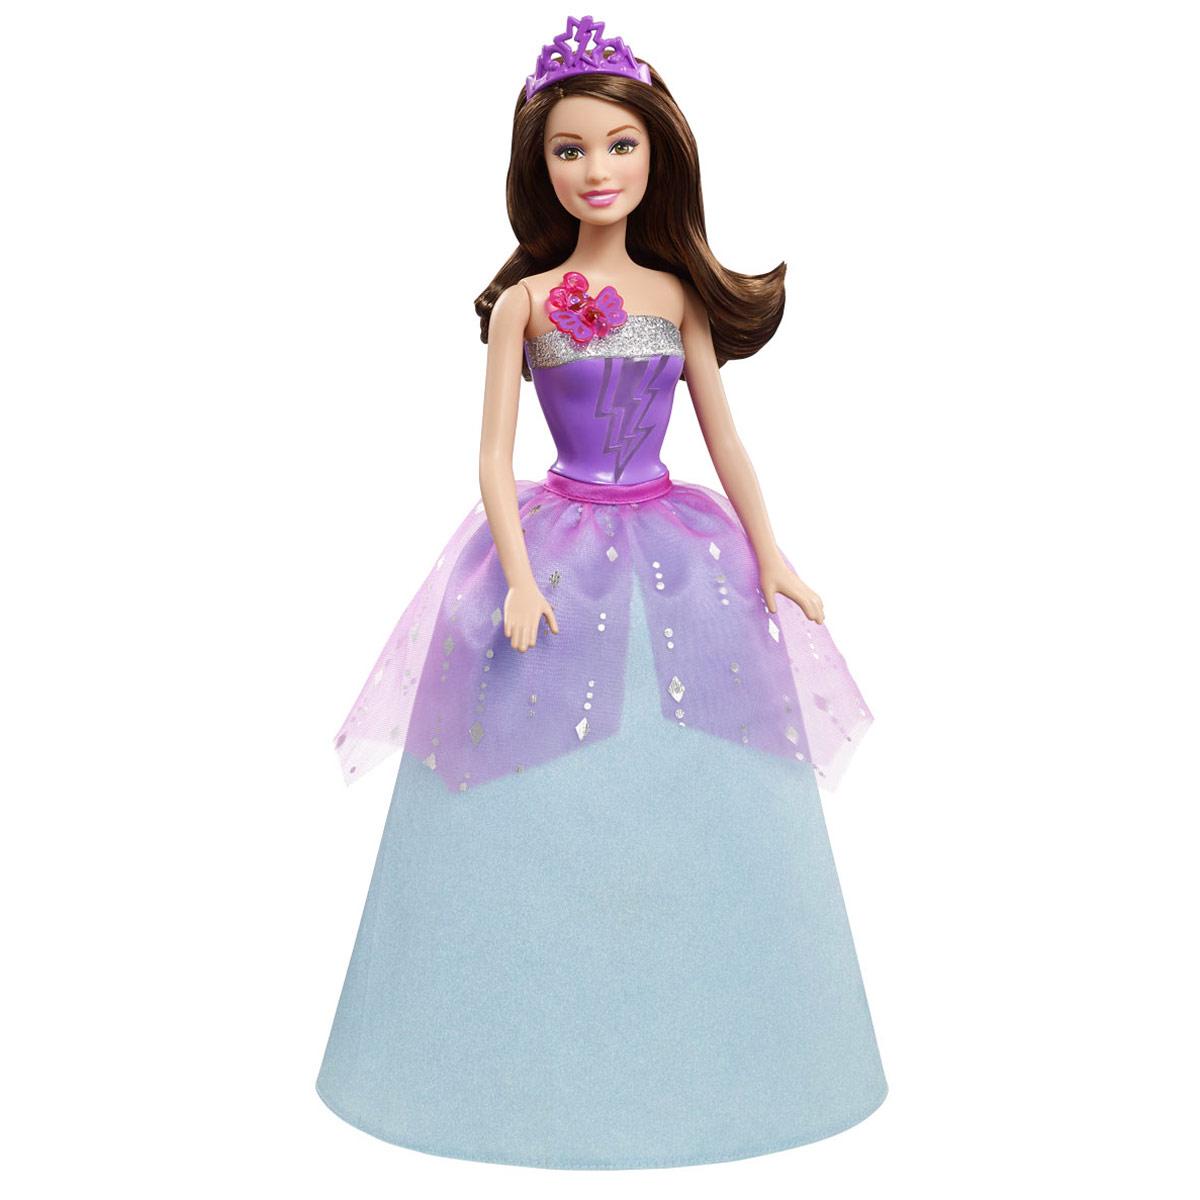 Barbie Кукла Супер-принцесса КоринCDY62В мультфильме Барби: Супер Принцесса современную принцессу поцеловала волшебная бабочка, одарив ее суперспособностями. Удастся ли ей вместе с суперподругами защитить королевство от врага? Корин — двоюродная сестра Кары, которая также получила суперспособности благодаря поцелую волшебной бабочки! Эта бесподобная кукла с секретом воспроизводит сцену превращения. Если нажать на блестящую бабочку у нее на груди, раздастся звук поцелуя и волшебная музыка, а топ куклы засияет цветными молниями. В роскошном фиолетово-синем платье с пышной юбкой и мерцающей накидкой она выглядит как настоящая принцесса. Образ дополняет фиолетовая диадема с вырезанной молнией. Вызывать волшебство можно бесконечно, просто придумайте новое приключение! Ручки и ножки, а также голова куколки подвижны. Рекомендуется докупить 3 батарейки напряжением 1,5V типа АG13 (товар комплектуется демонстрационными).